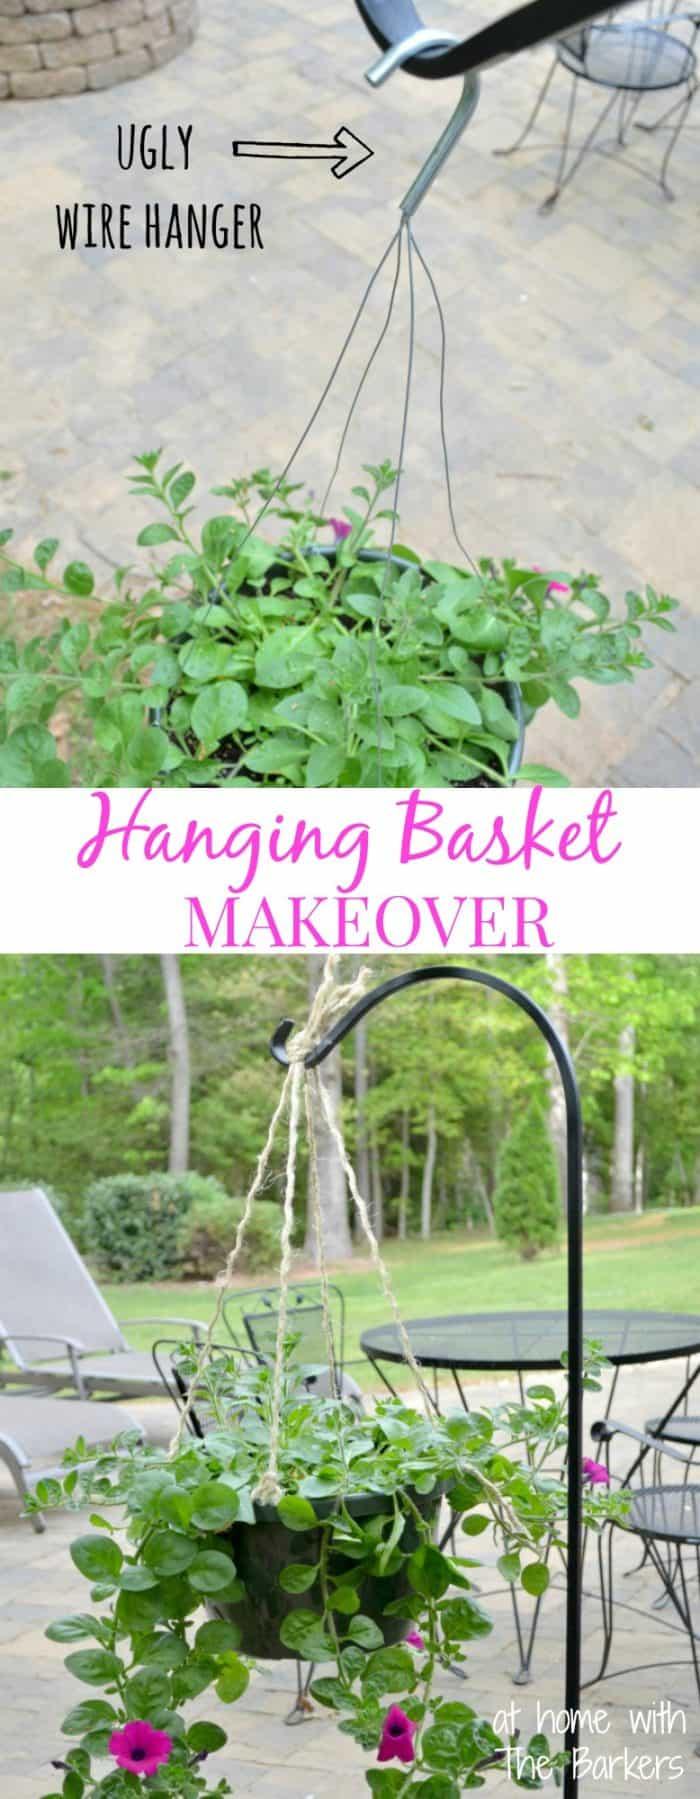 Hanging Basket Makeover-Before-After